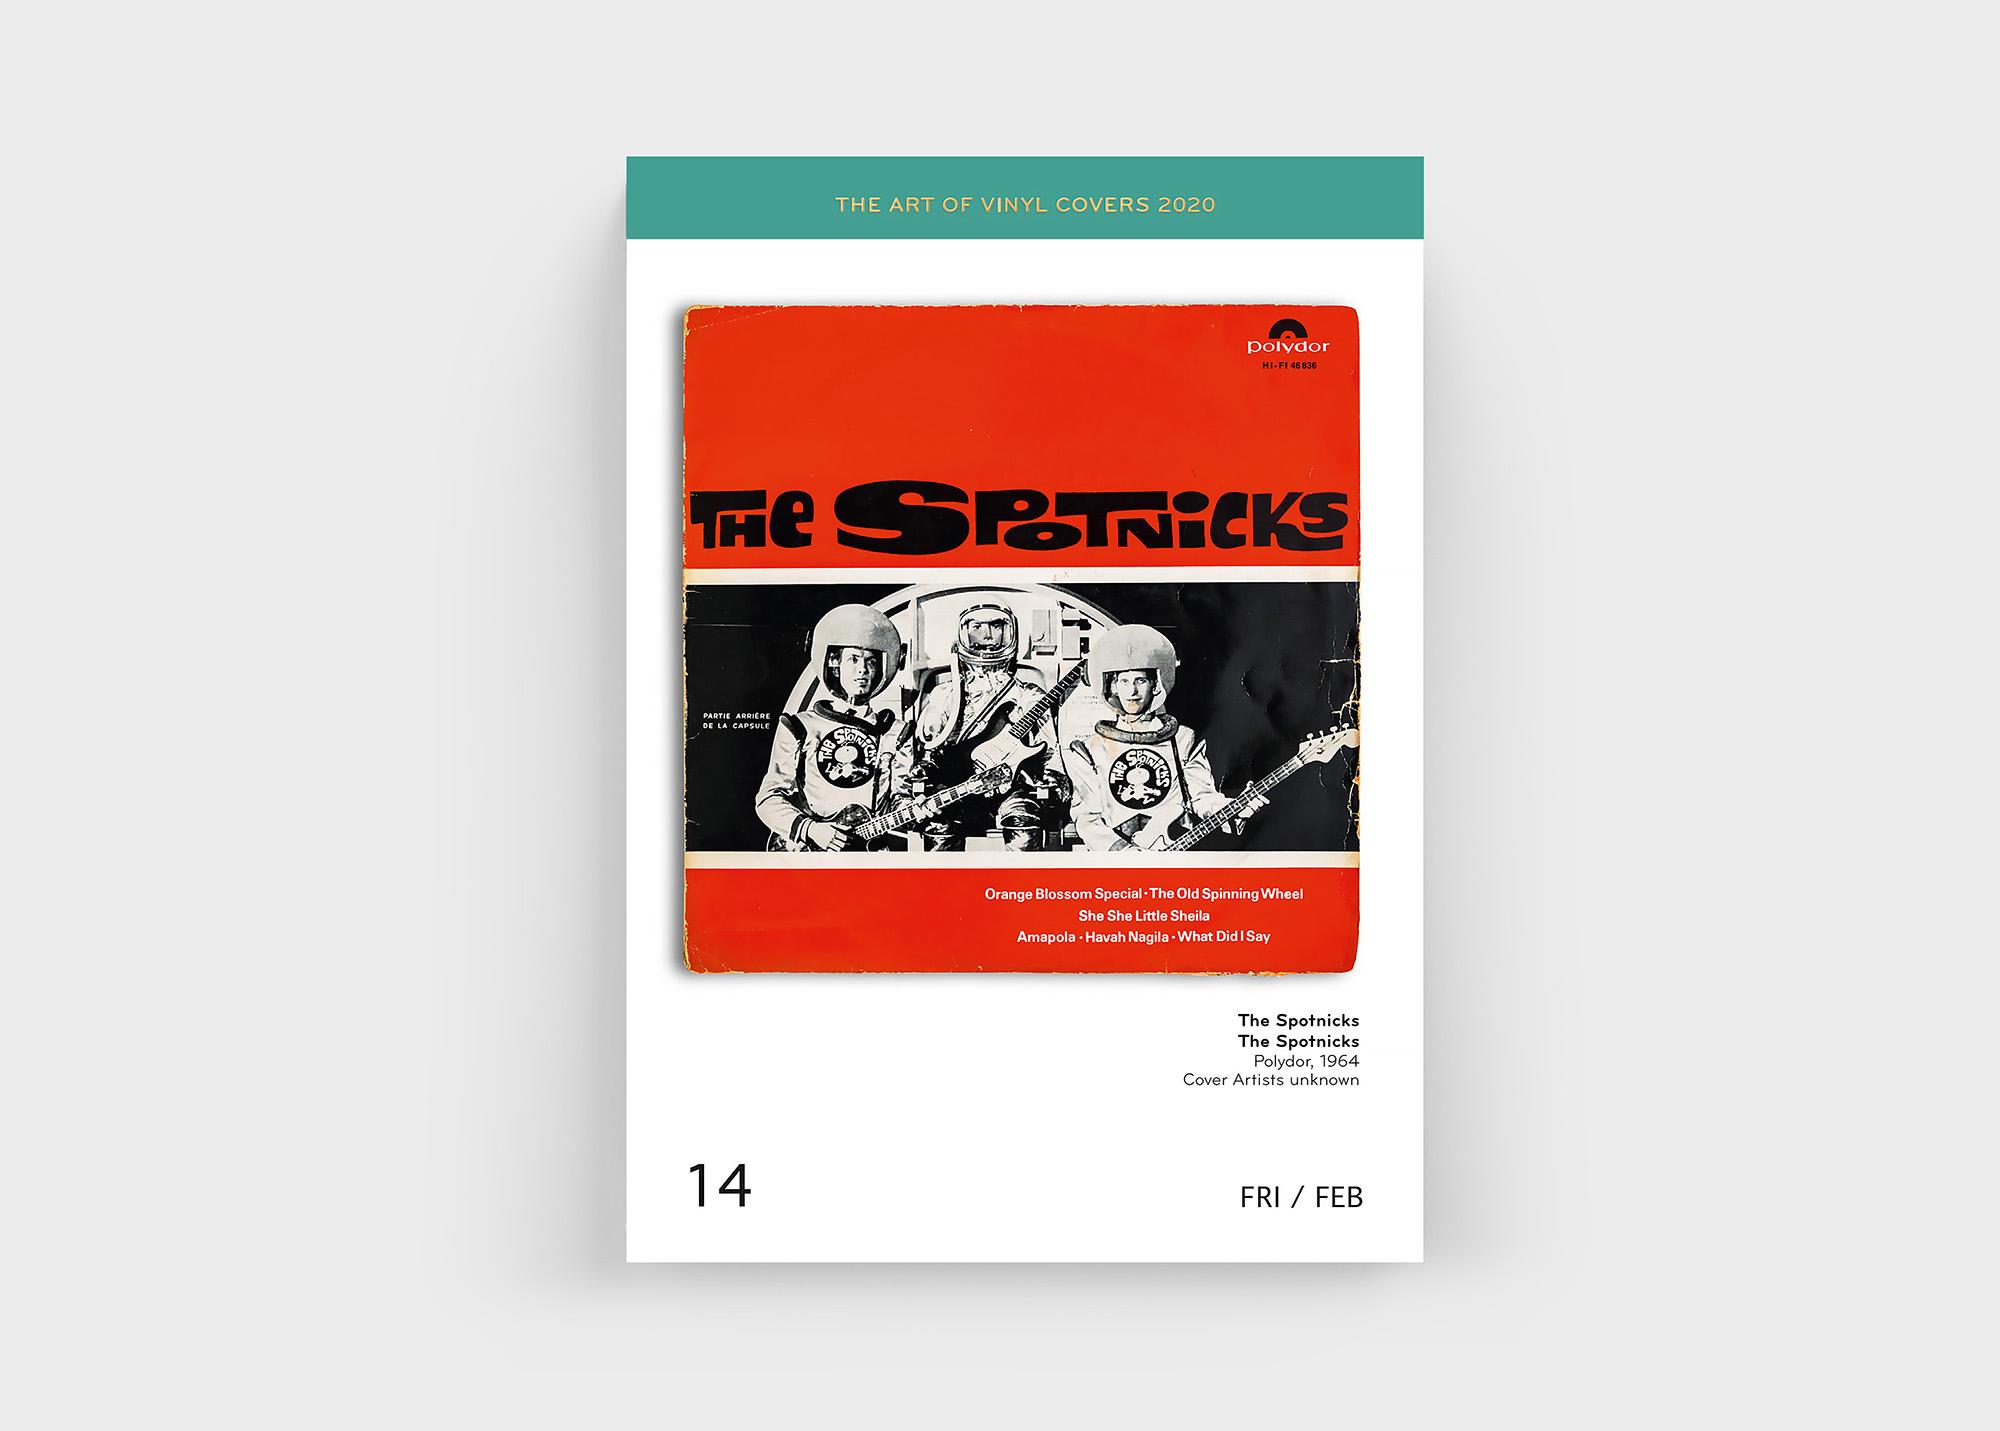 """Mit dabei im """"The Art Of Vinyl Covers 2020"""" Kalender von Oliver Seltmann: The Spotnicks"""